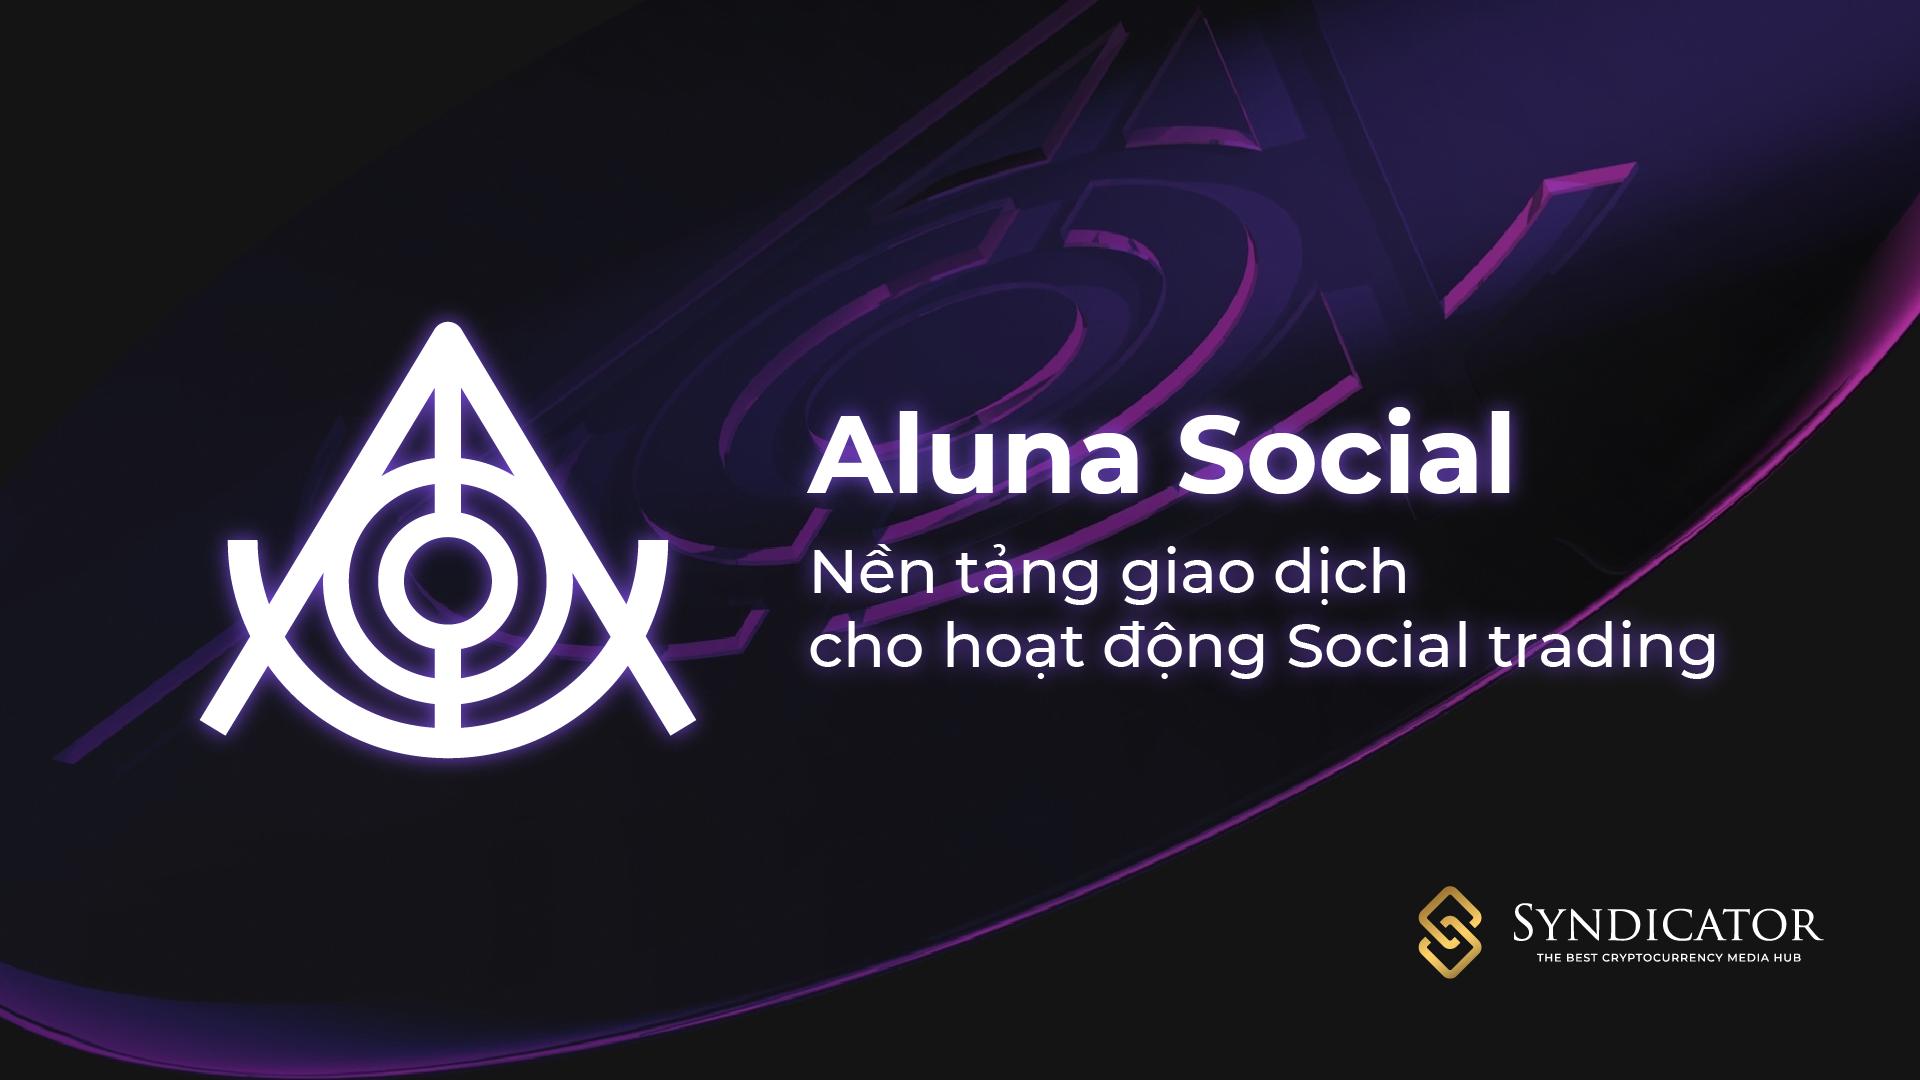 Aluna Social: Nền tảng giao dịch cho hoạt động Social trading - Syndicator